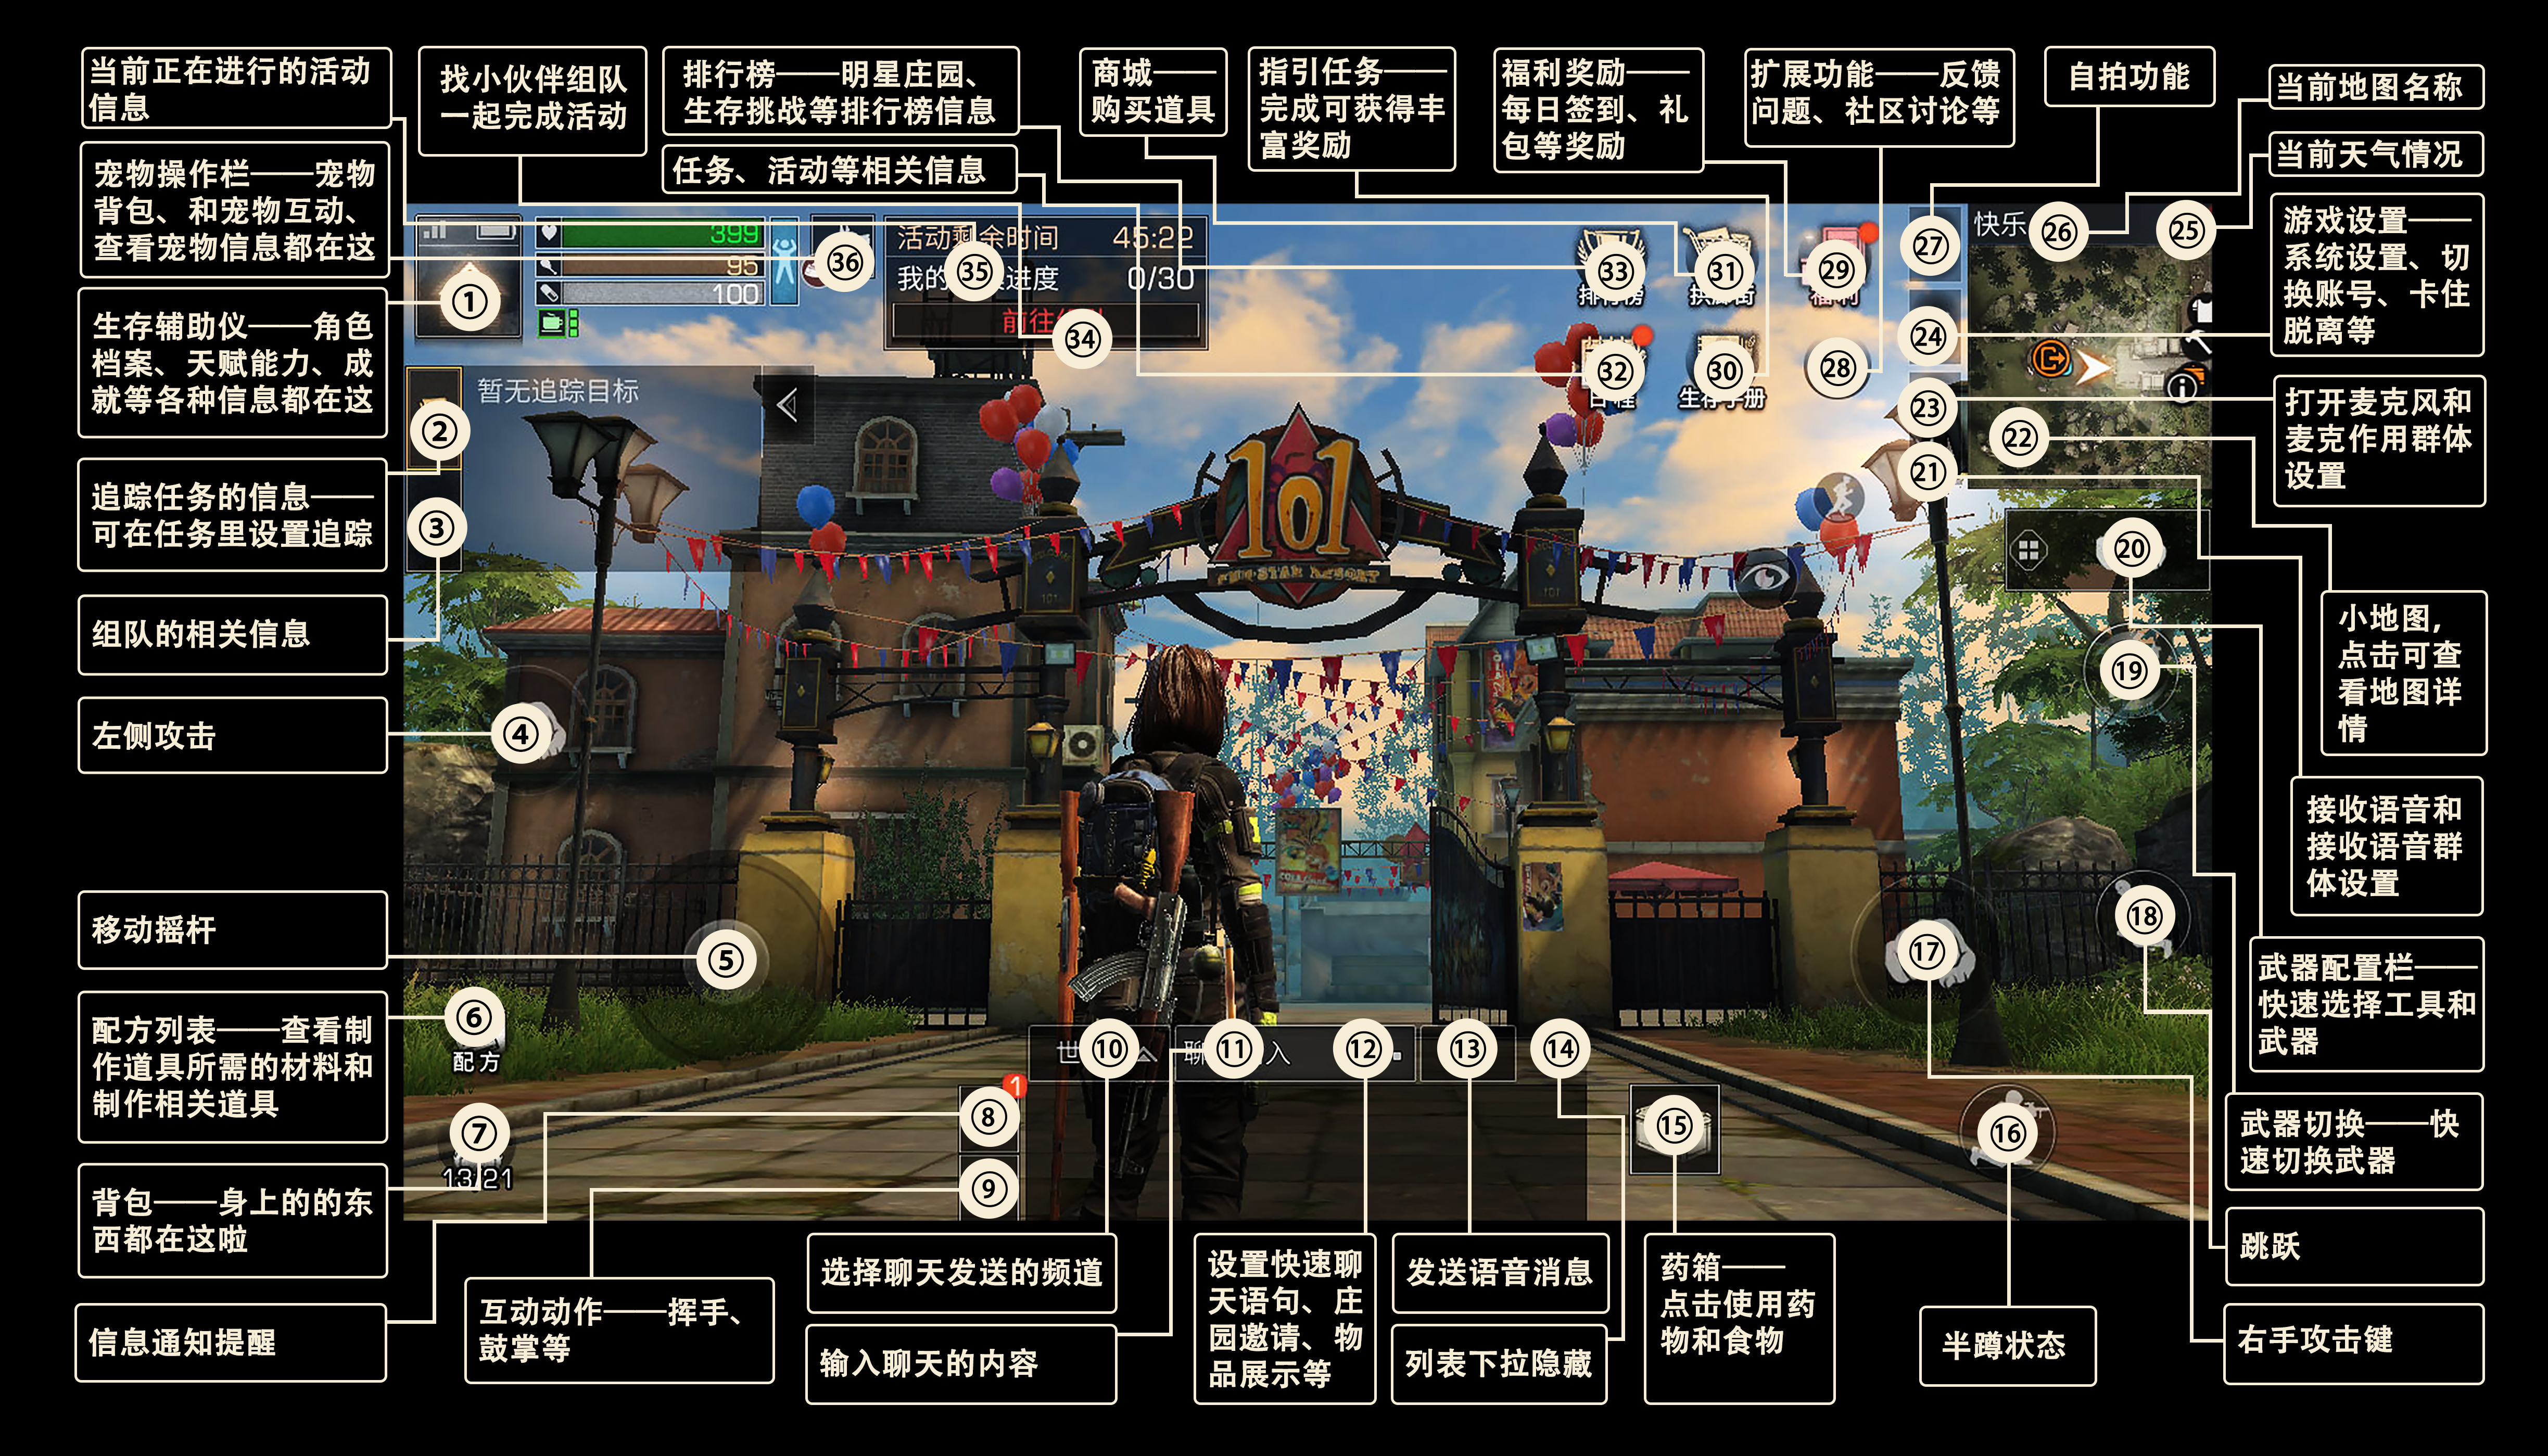 操作界面图V4.jpg